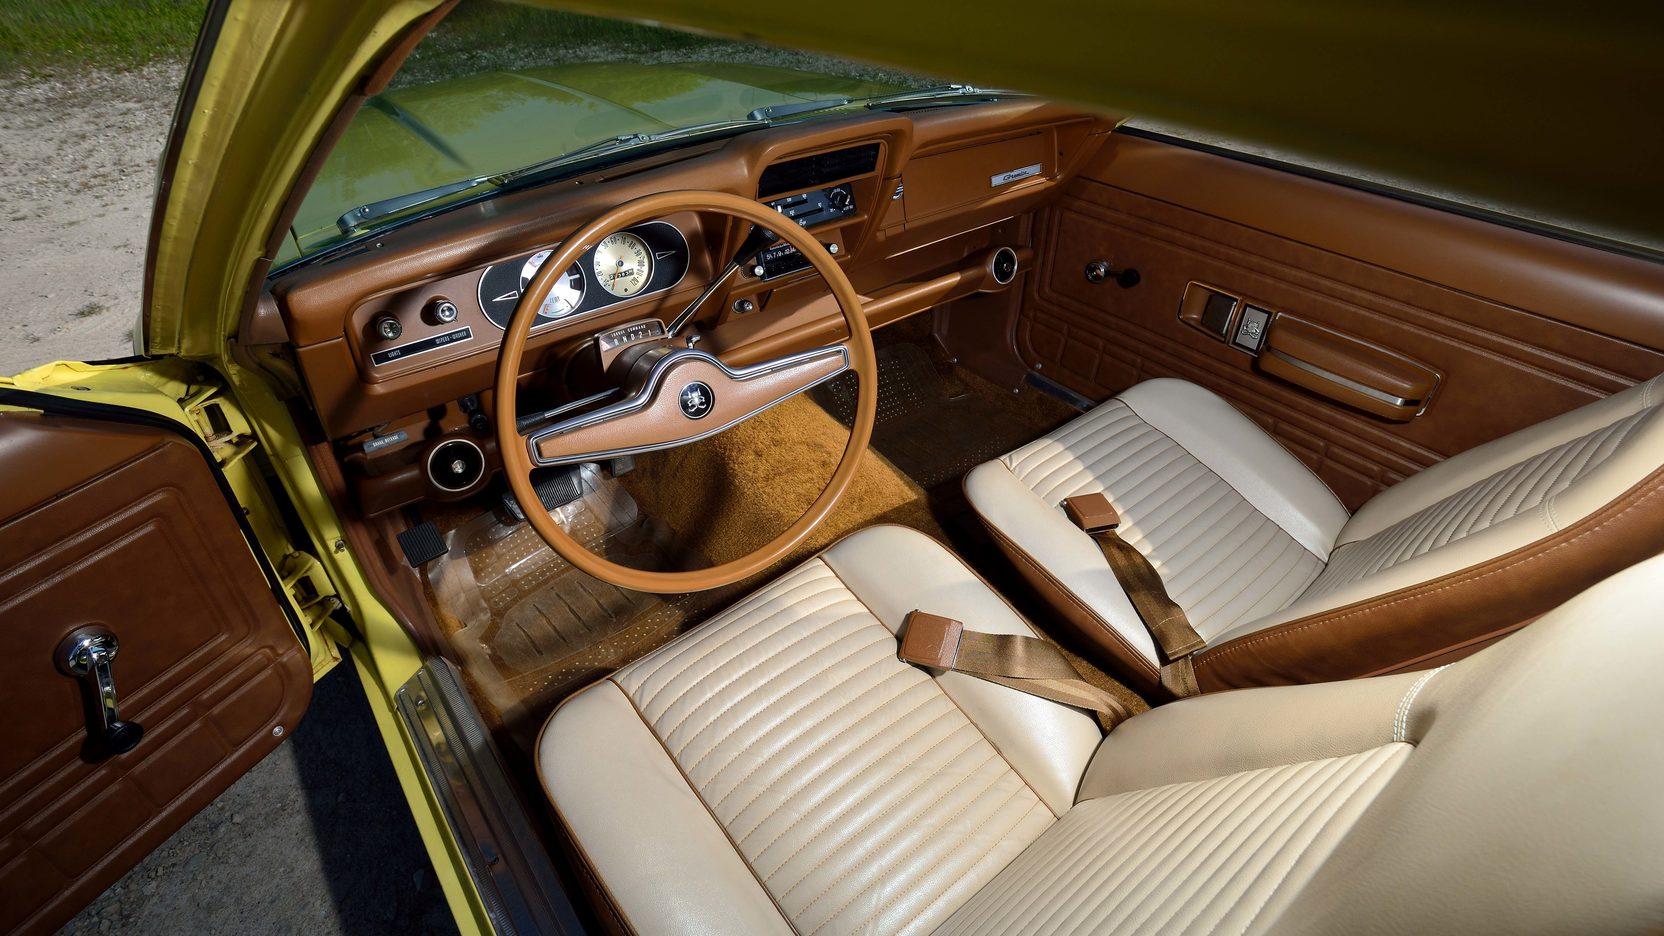 1972 AMC Gremlin interior